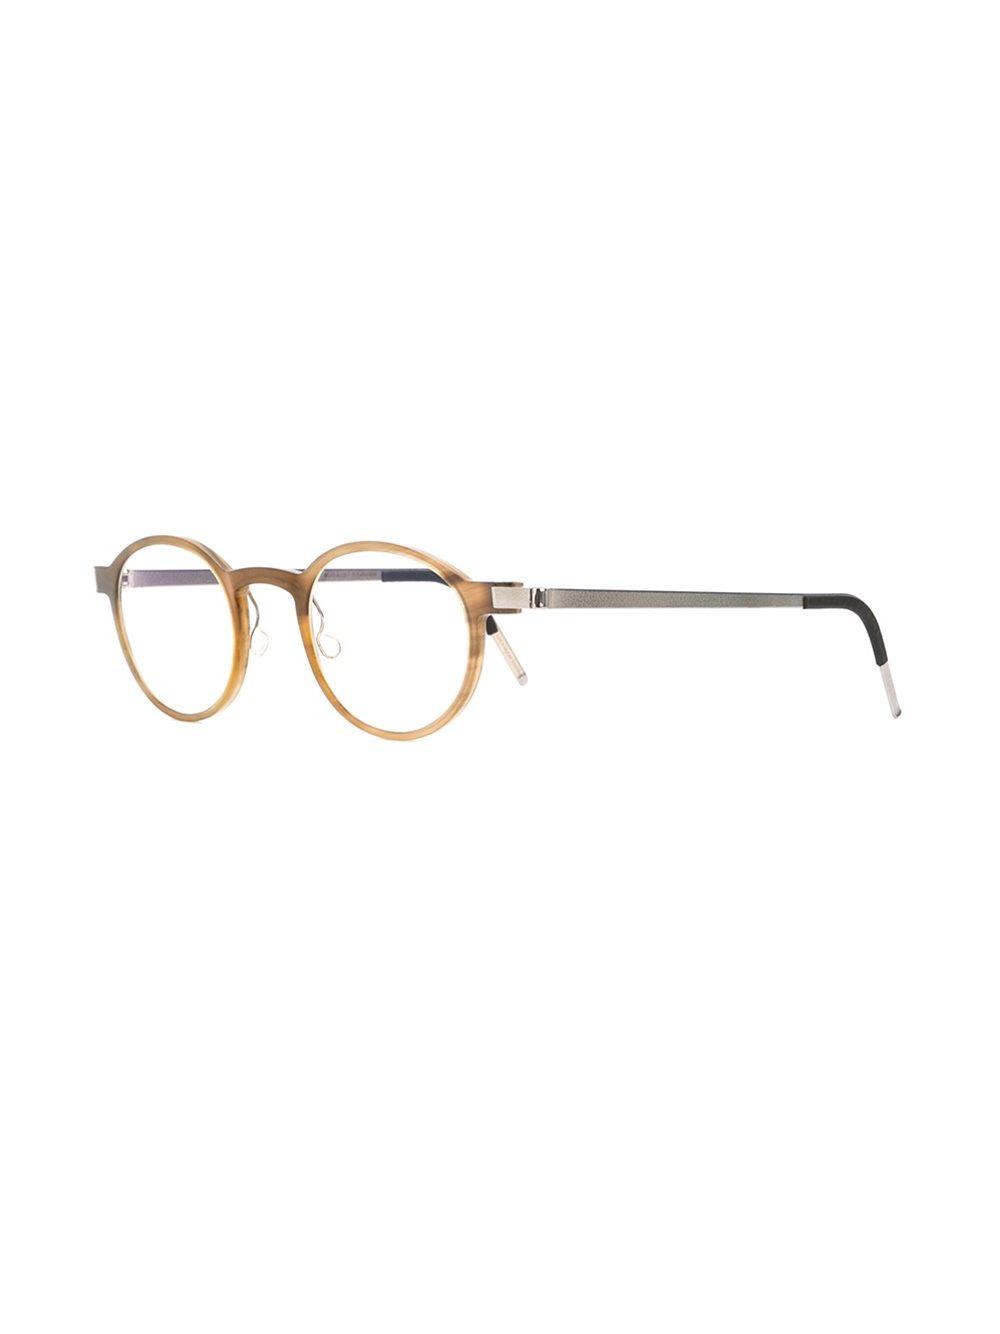 Lyst - Lindberg Round Frame Glasses-1285